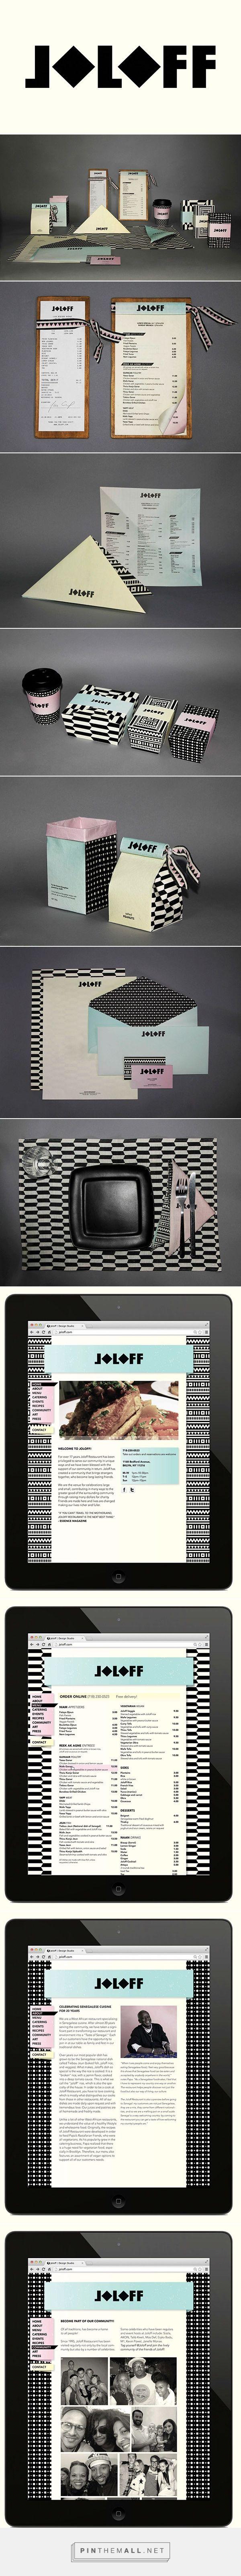 Joloff Restaurant Branding by Saana Hellsten on Pratt Portfolios | Fivestar Branding – Design and Branding Agency & Inspiration Gallery